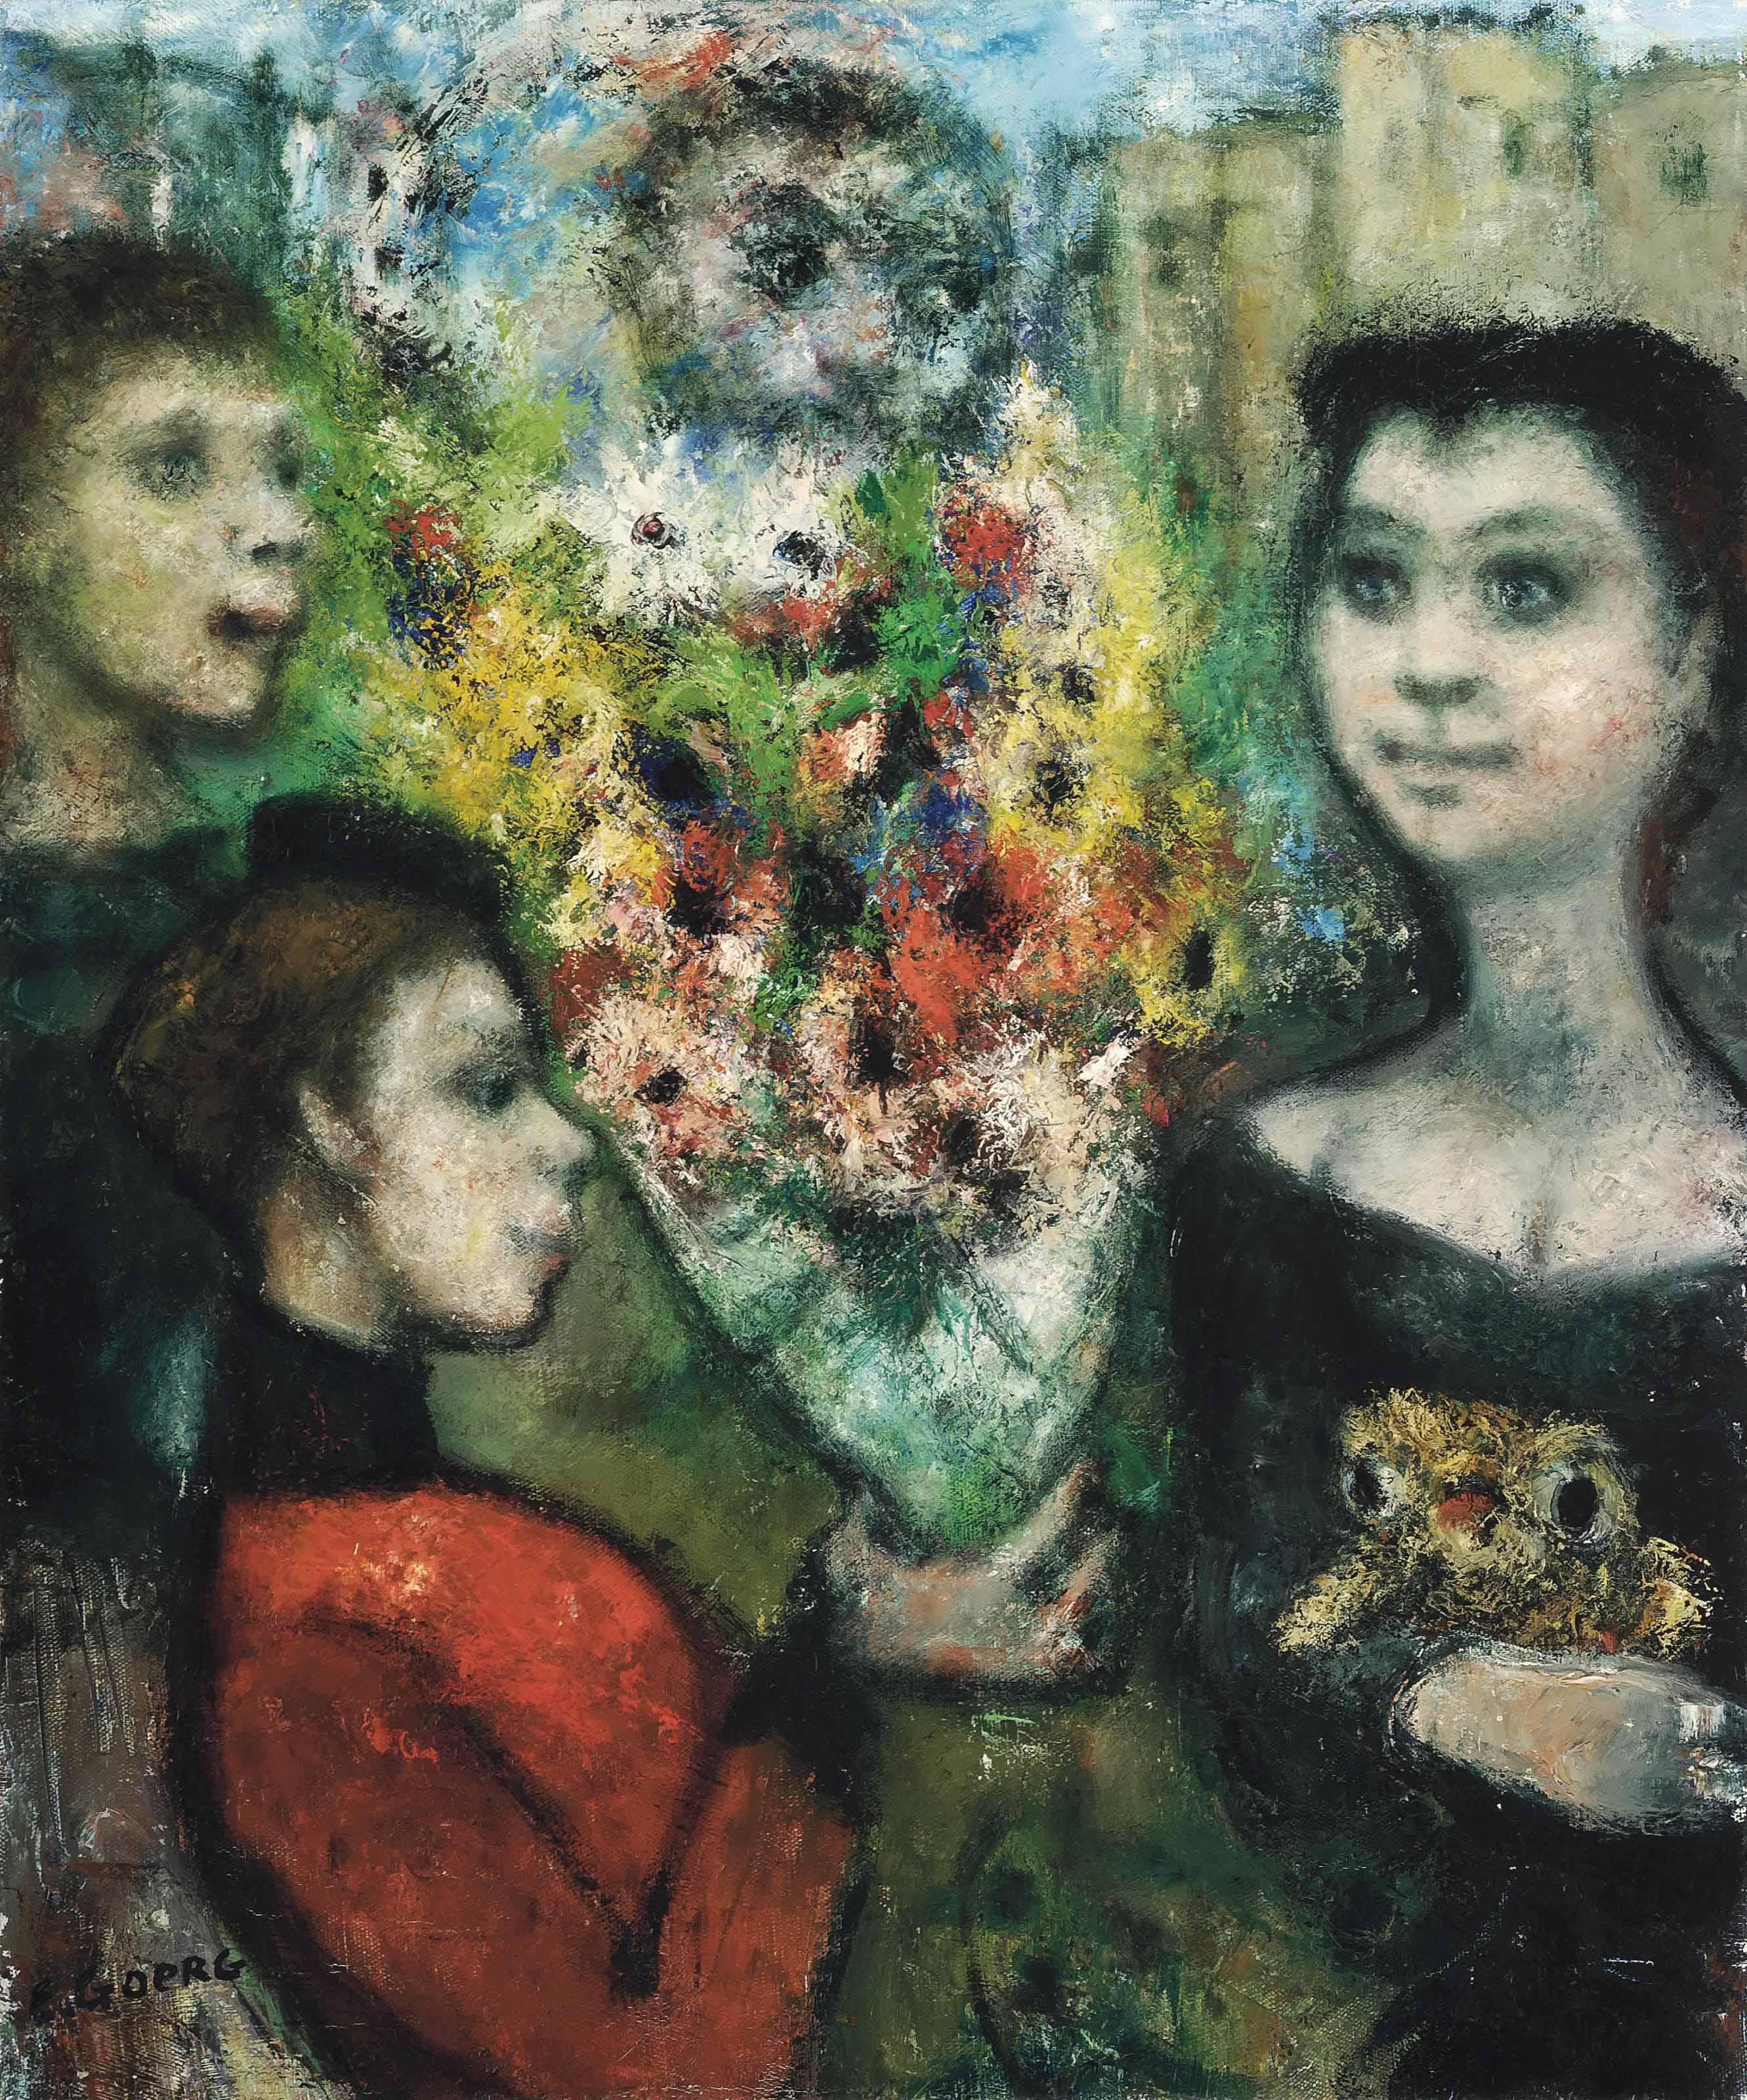 Les jeunes veuves reçoivent des fleurs